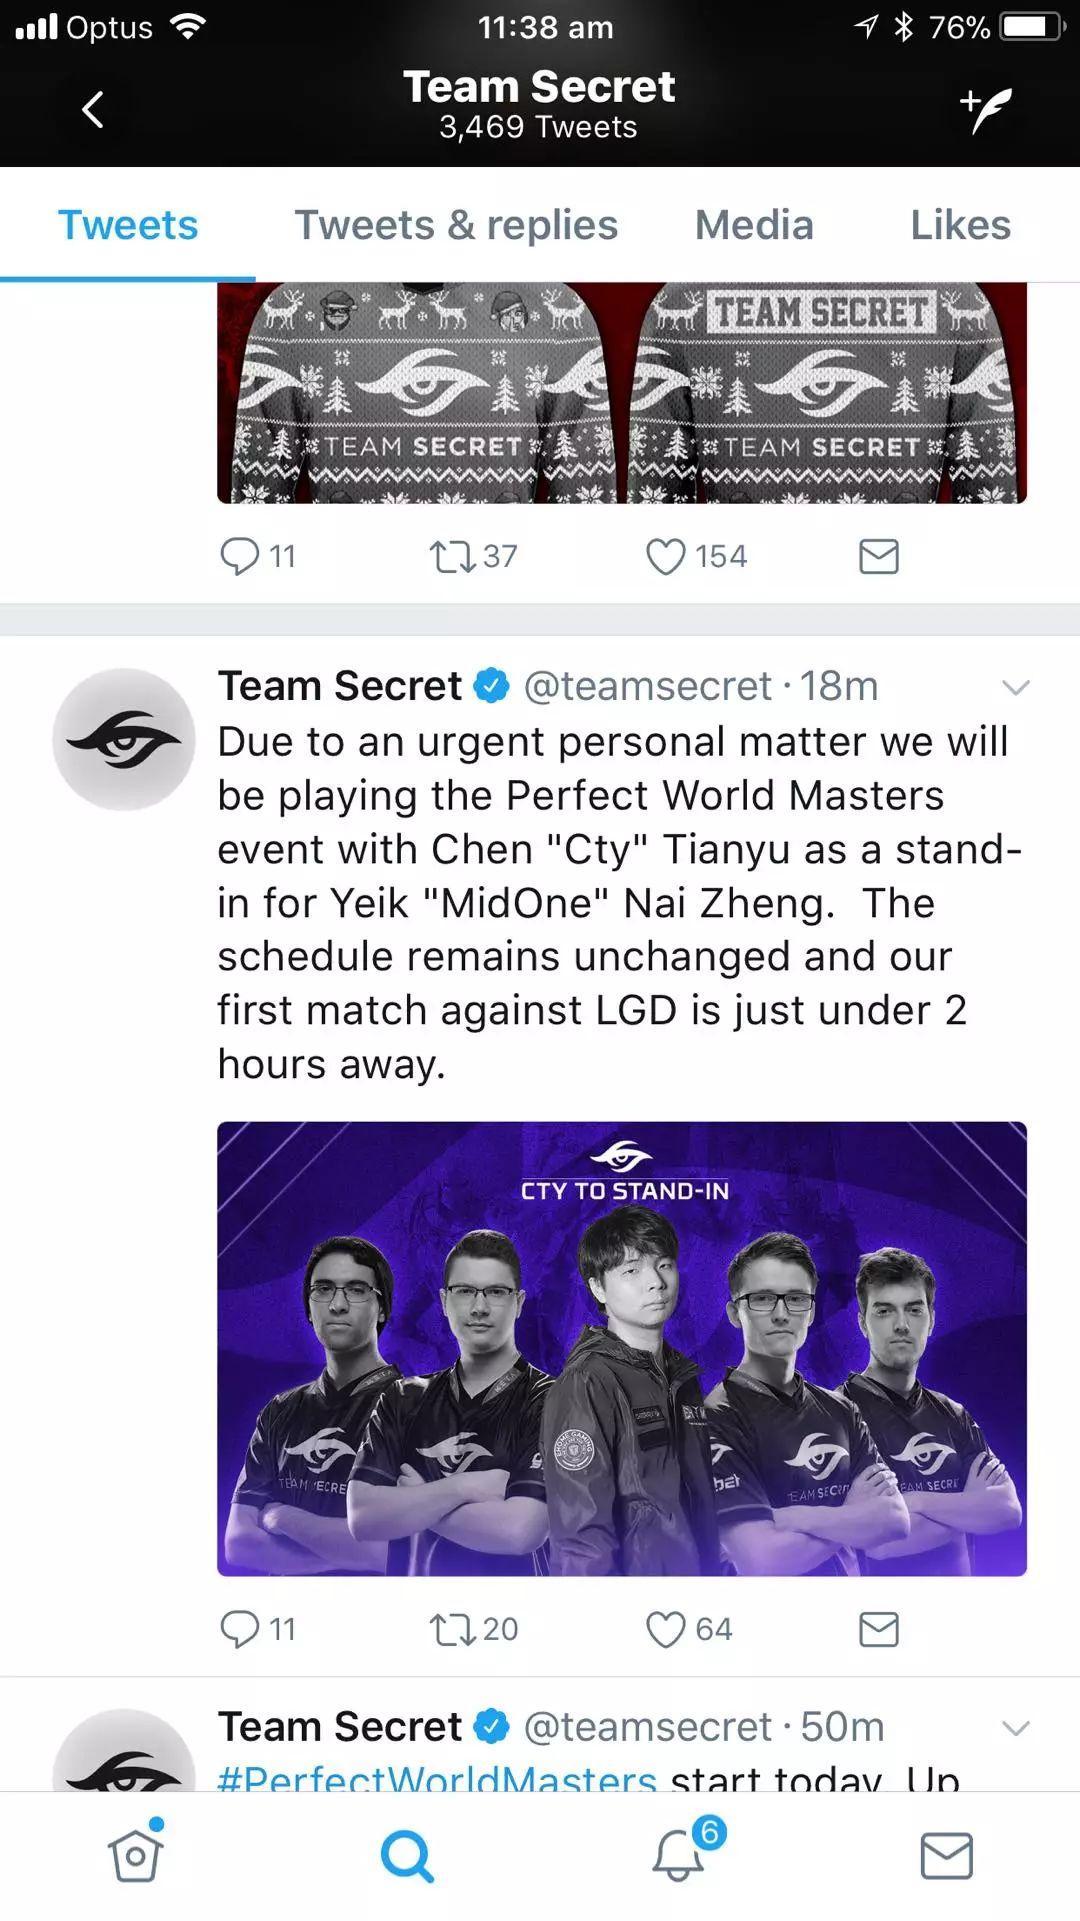 面码酱丨文 周末可以待在家里看比赛,真是一件开心的事情~ 中国战队包揽《绝地求生》亚洲邀请赛冠亚军! 这几天中国吃鸡玩家们,关注最多的事情,应该就是这个亚洲邀请赛了。 本次亚洲邀请赛邀请了来自中国、韩国、日本、东南亚的数支队伍,在韩国G-Star上进行比赛。